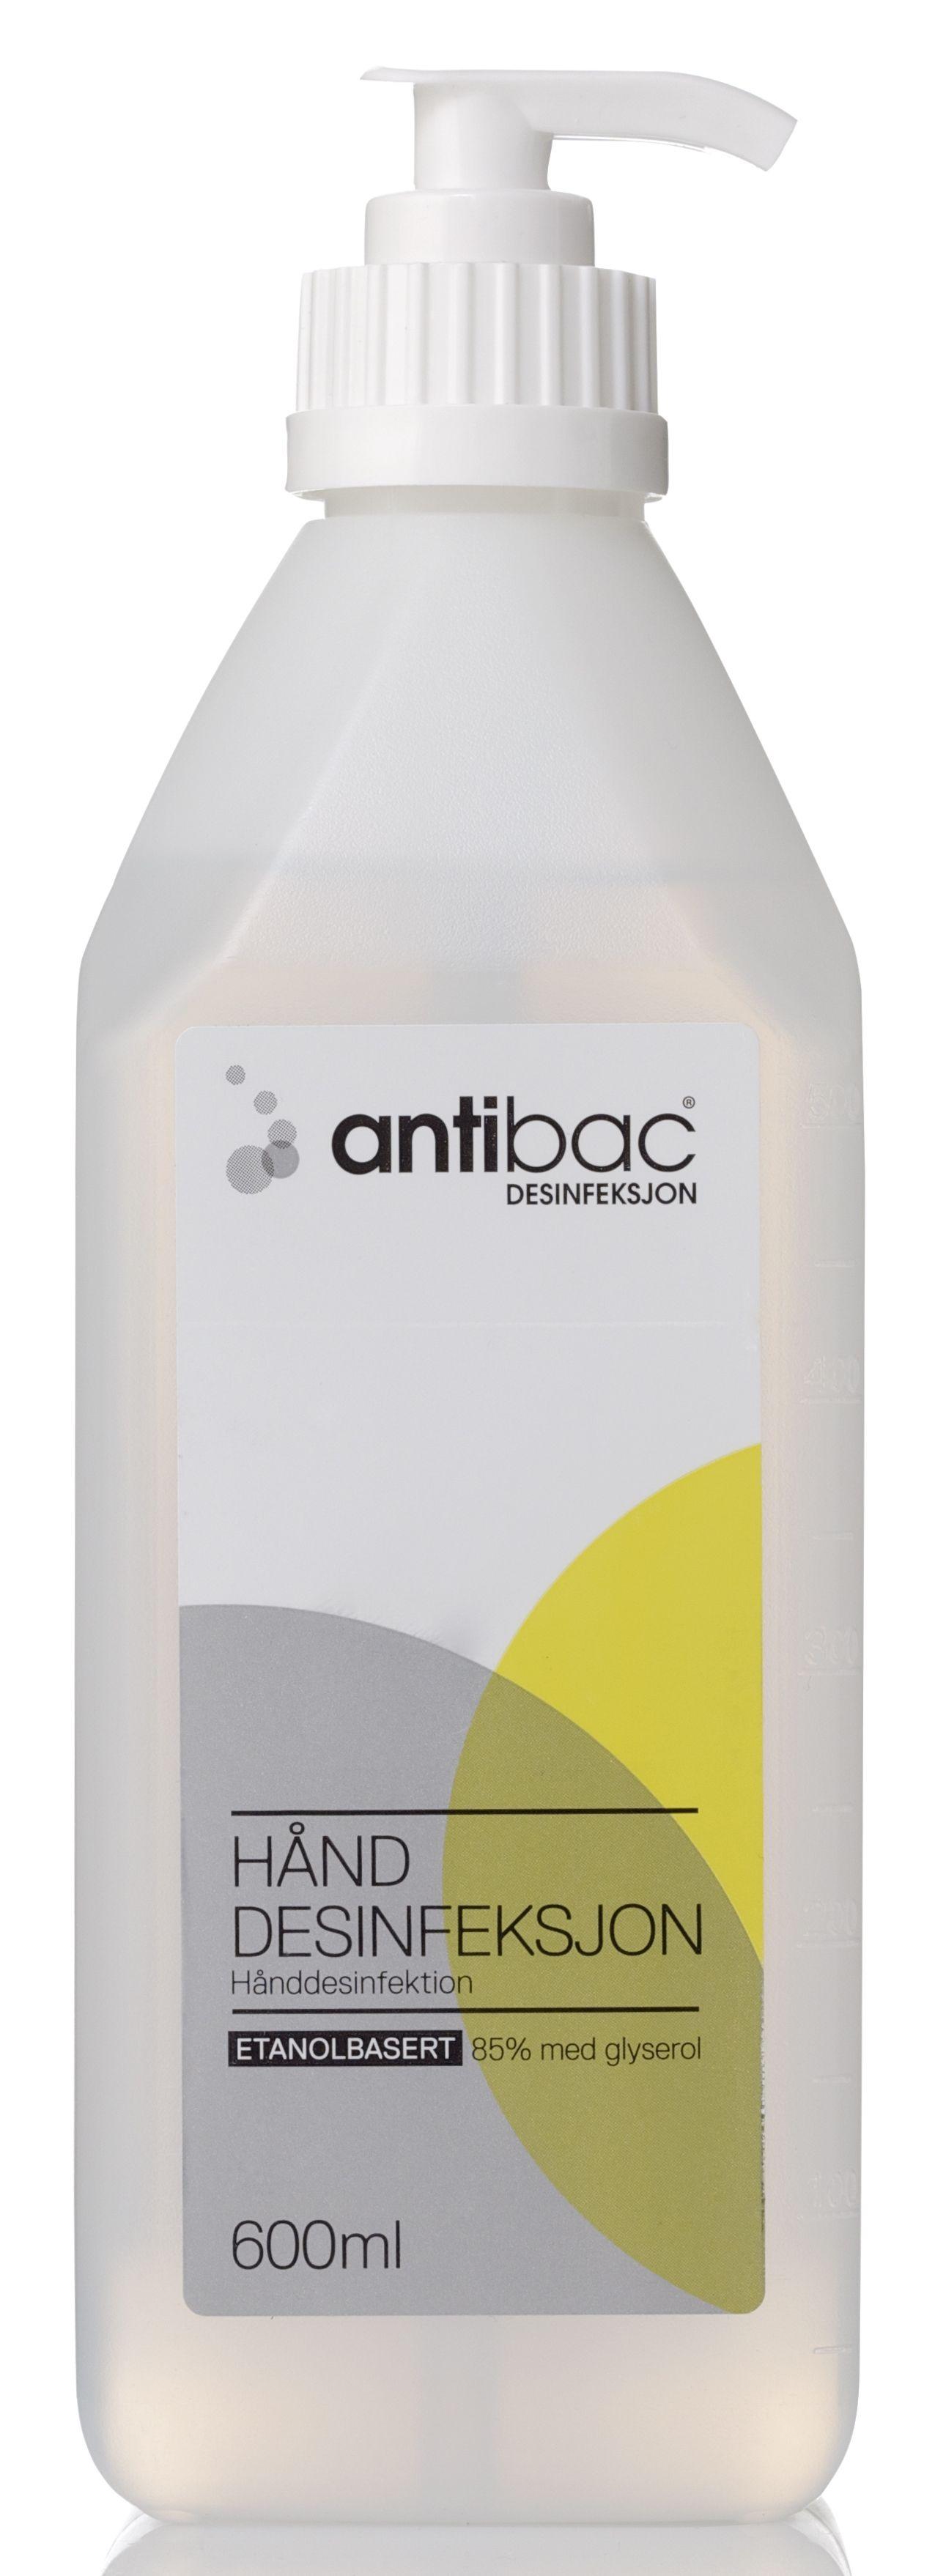 Antibac Hånddesinfeksjon 85% 600ml pumpe 601658